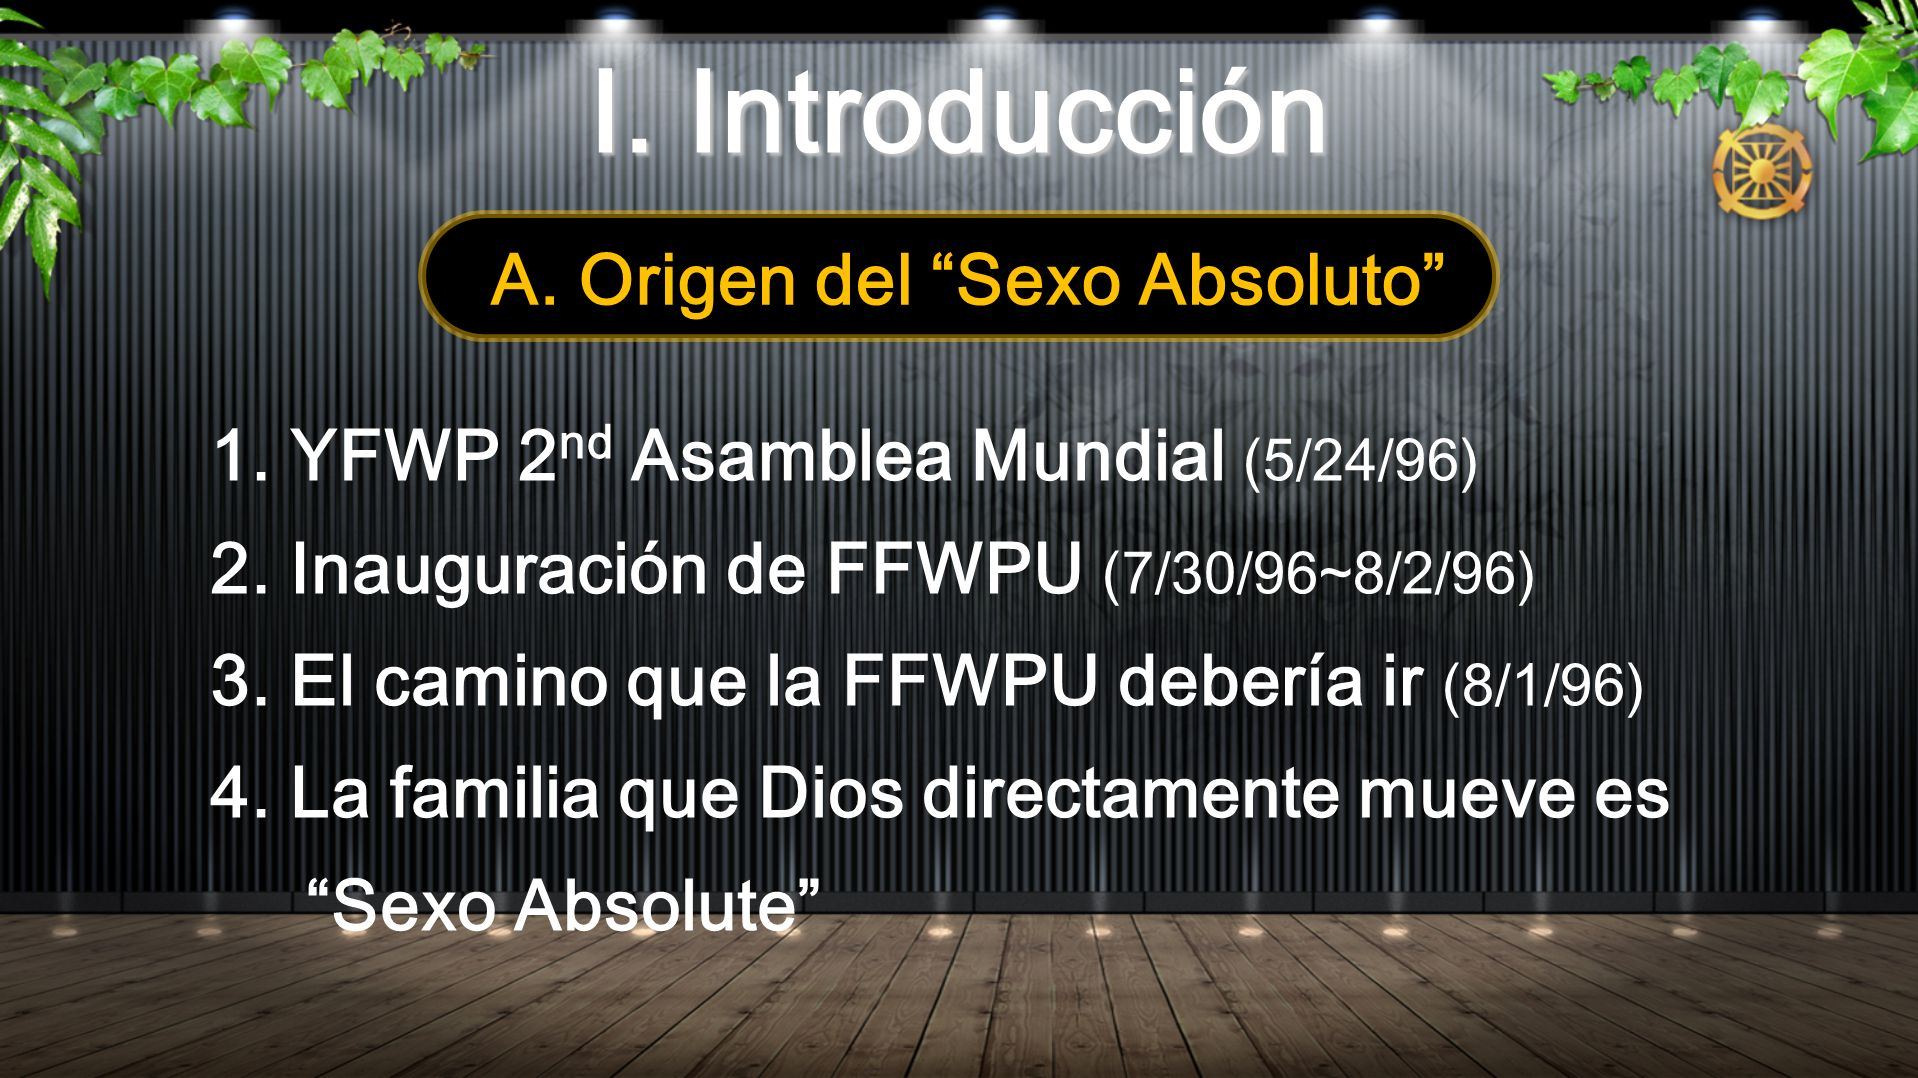 B.De Sexo Libre a Sexo Absoulto 1. Sexo Absoluto punto de partida de la familia ideal 2.